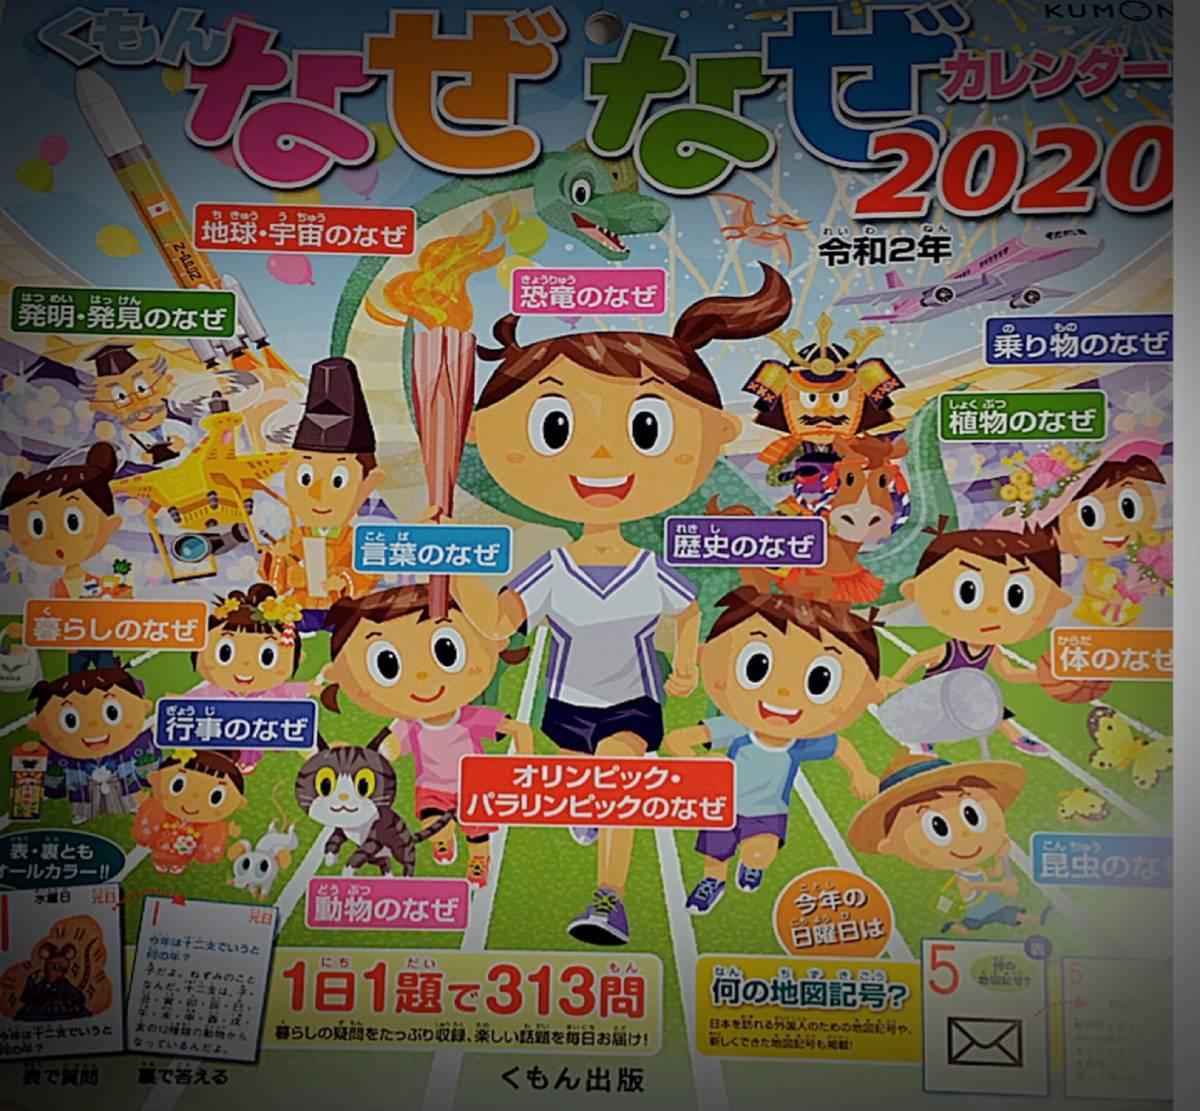 f:id:tonosamabatta:20200108151843j:plain